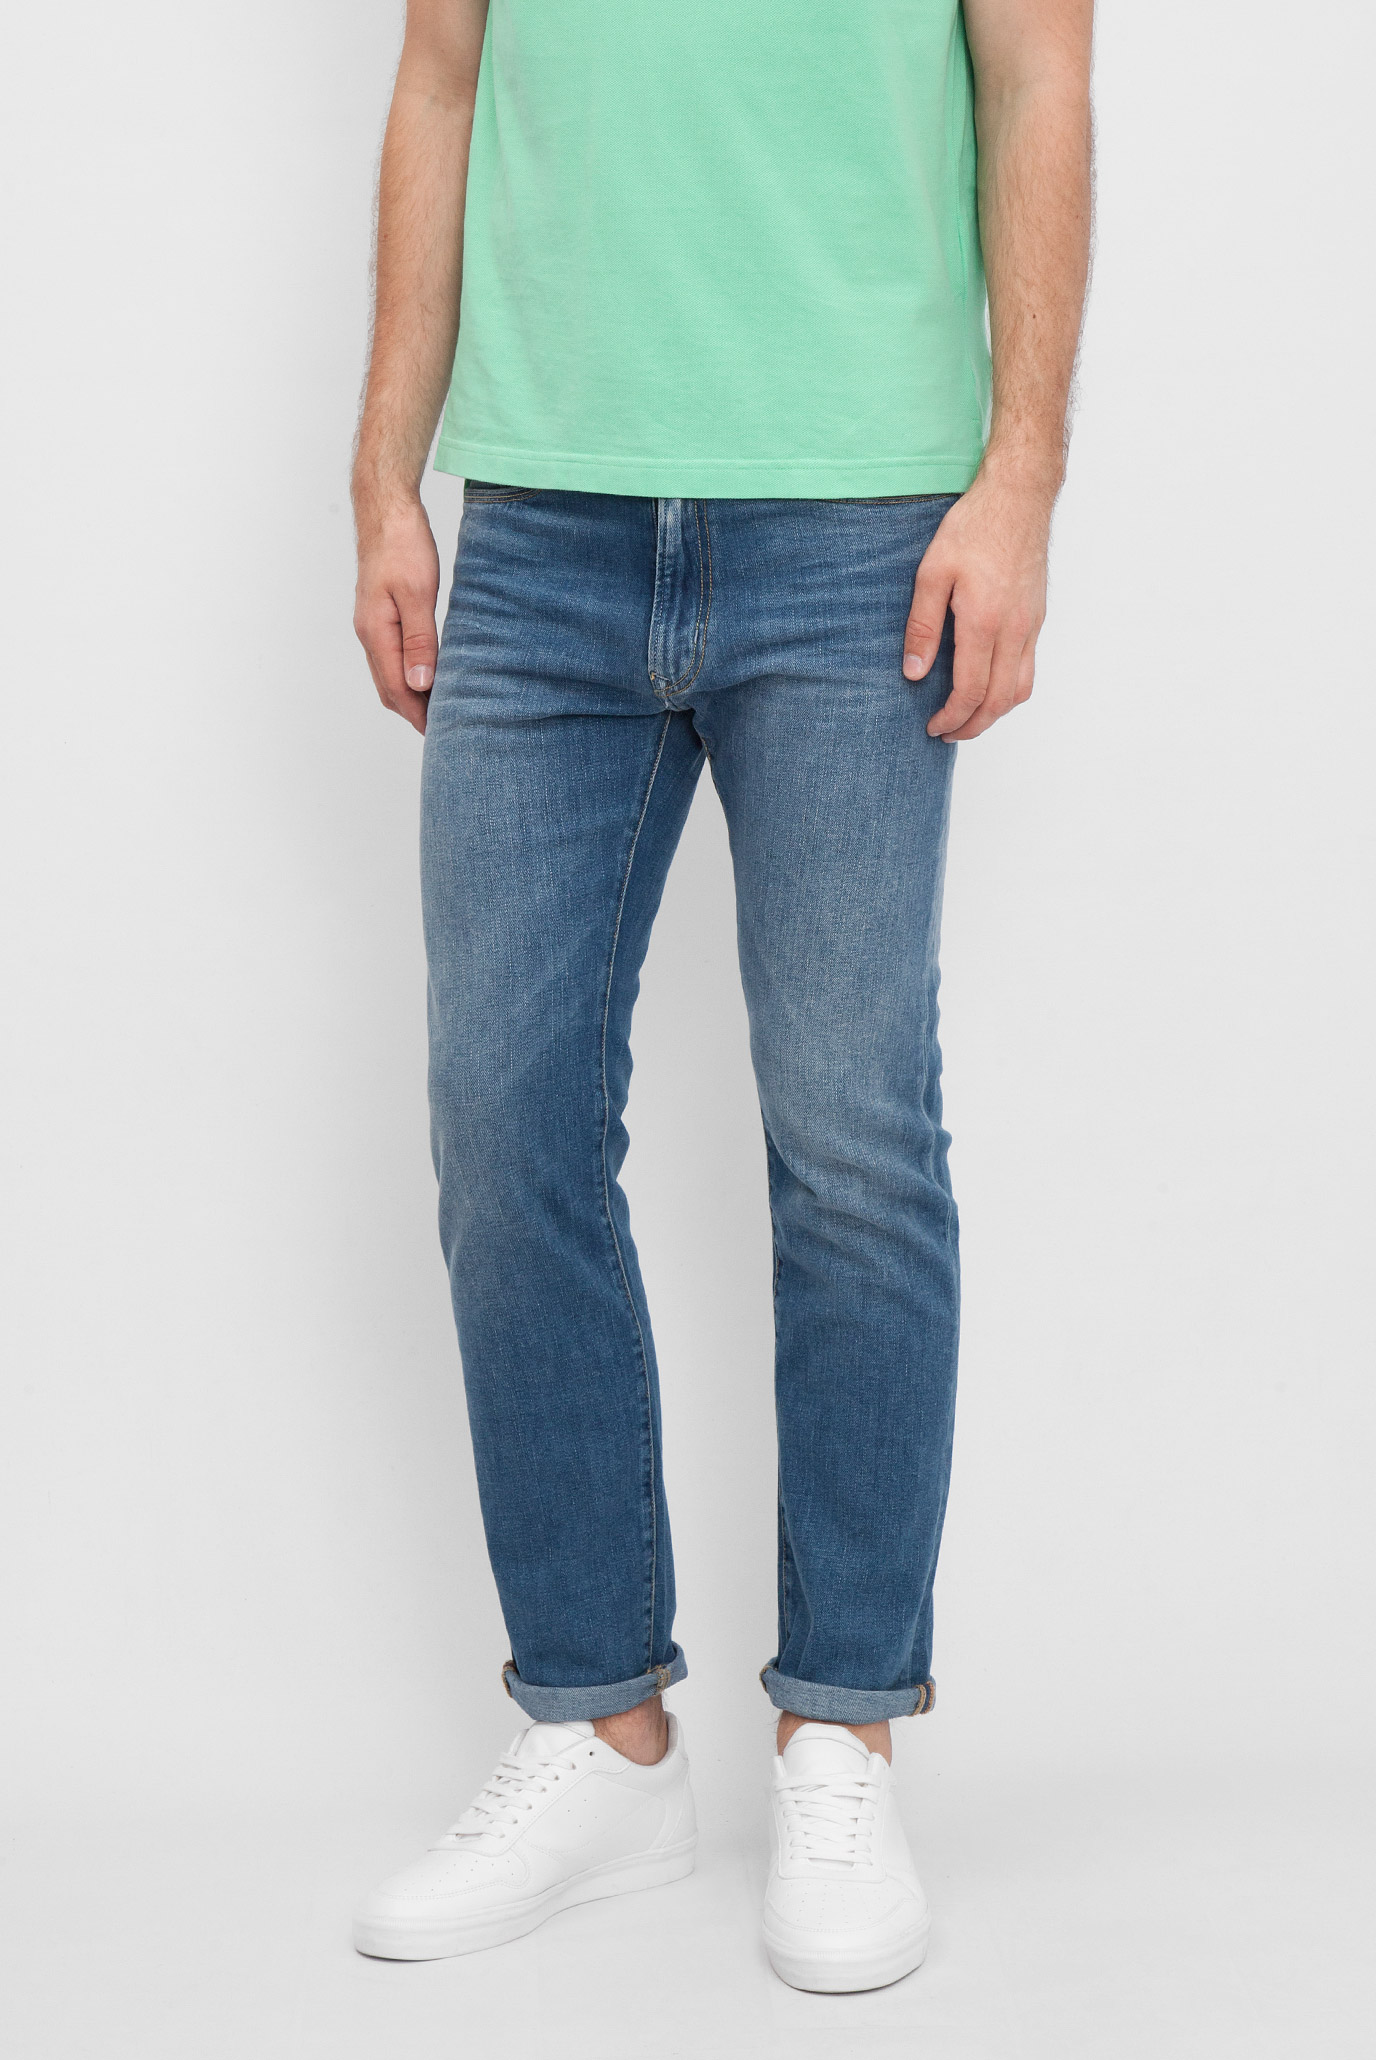 Купить Мужские синие джинсы  Tommy Hilfiger Tommy Hilfiger DM0DM02101 – Киев, Украина. Цены в интернет магазине MD Fashion